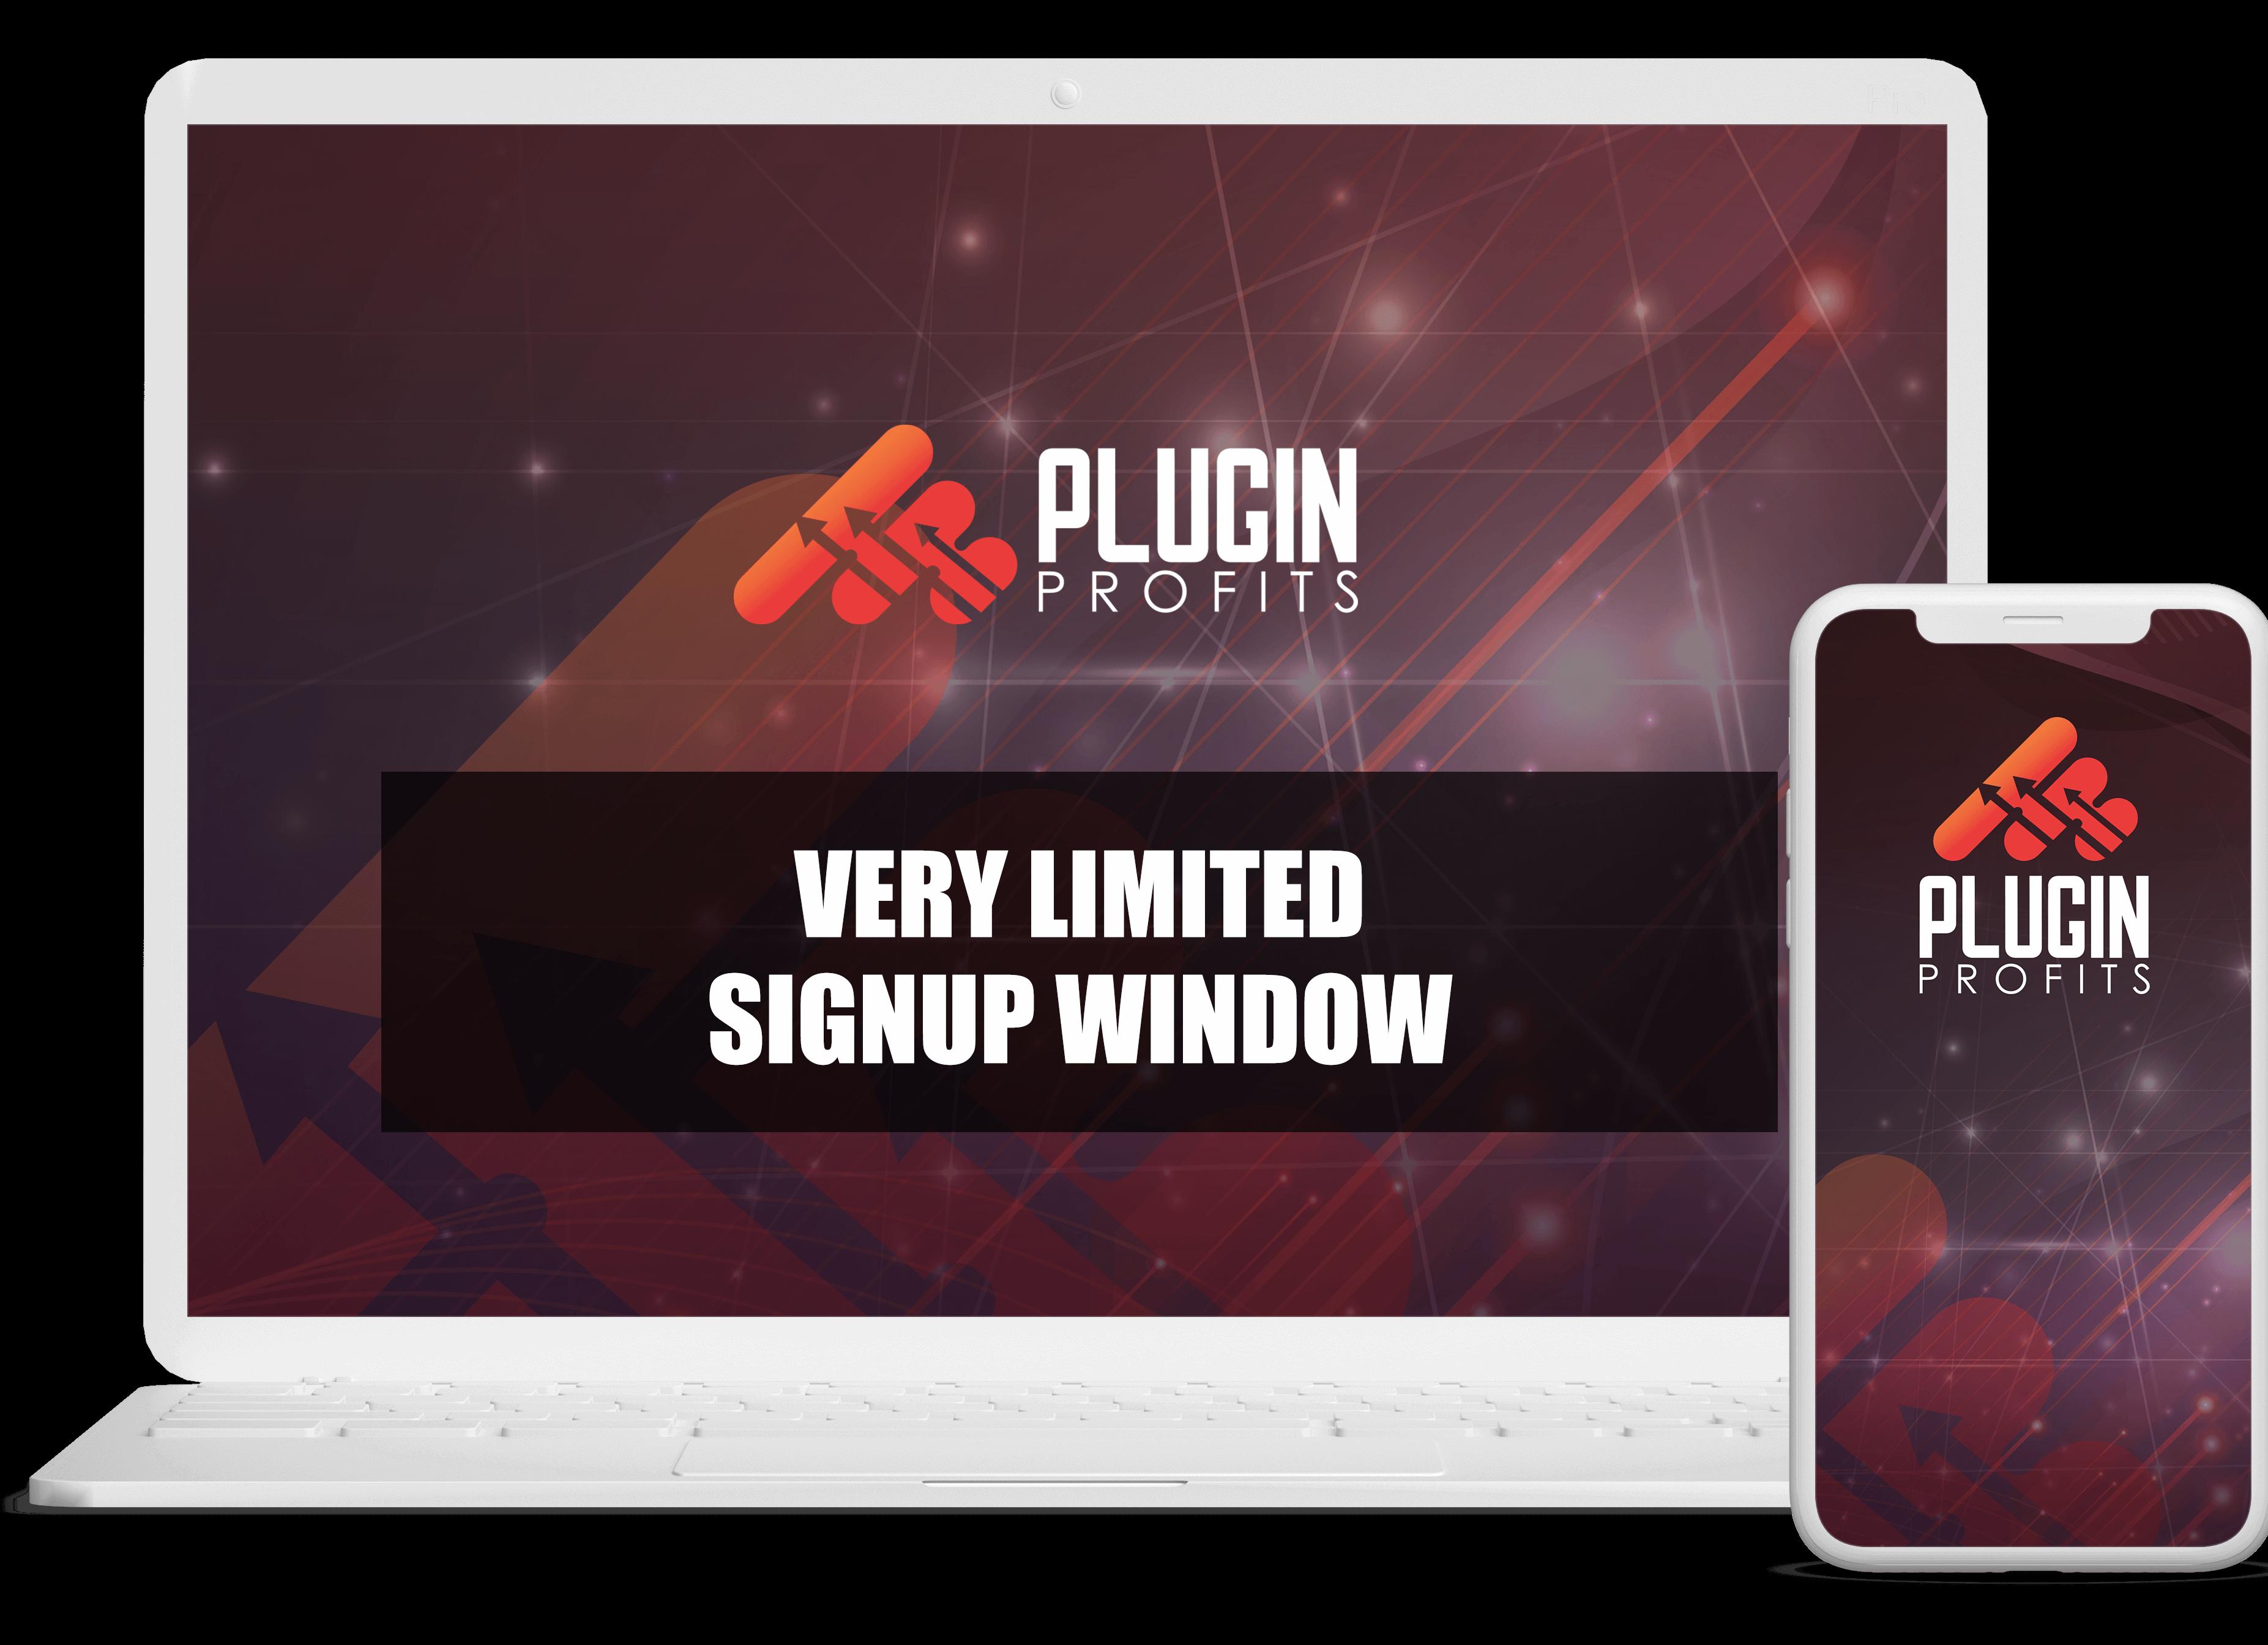 Plugin-Profits-feature-12